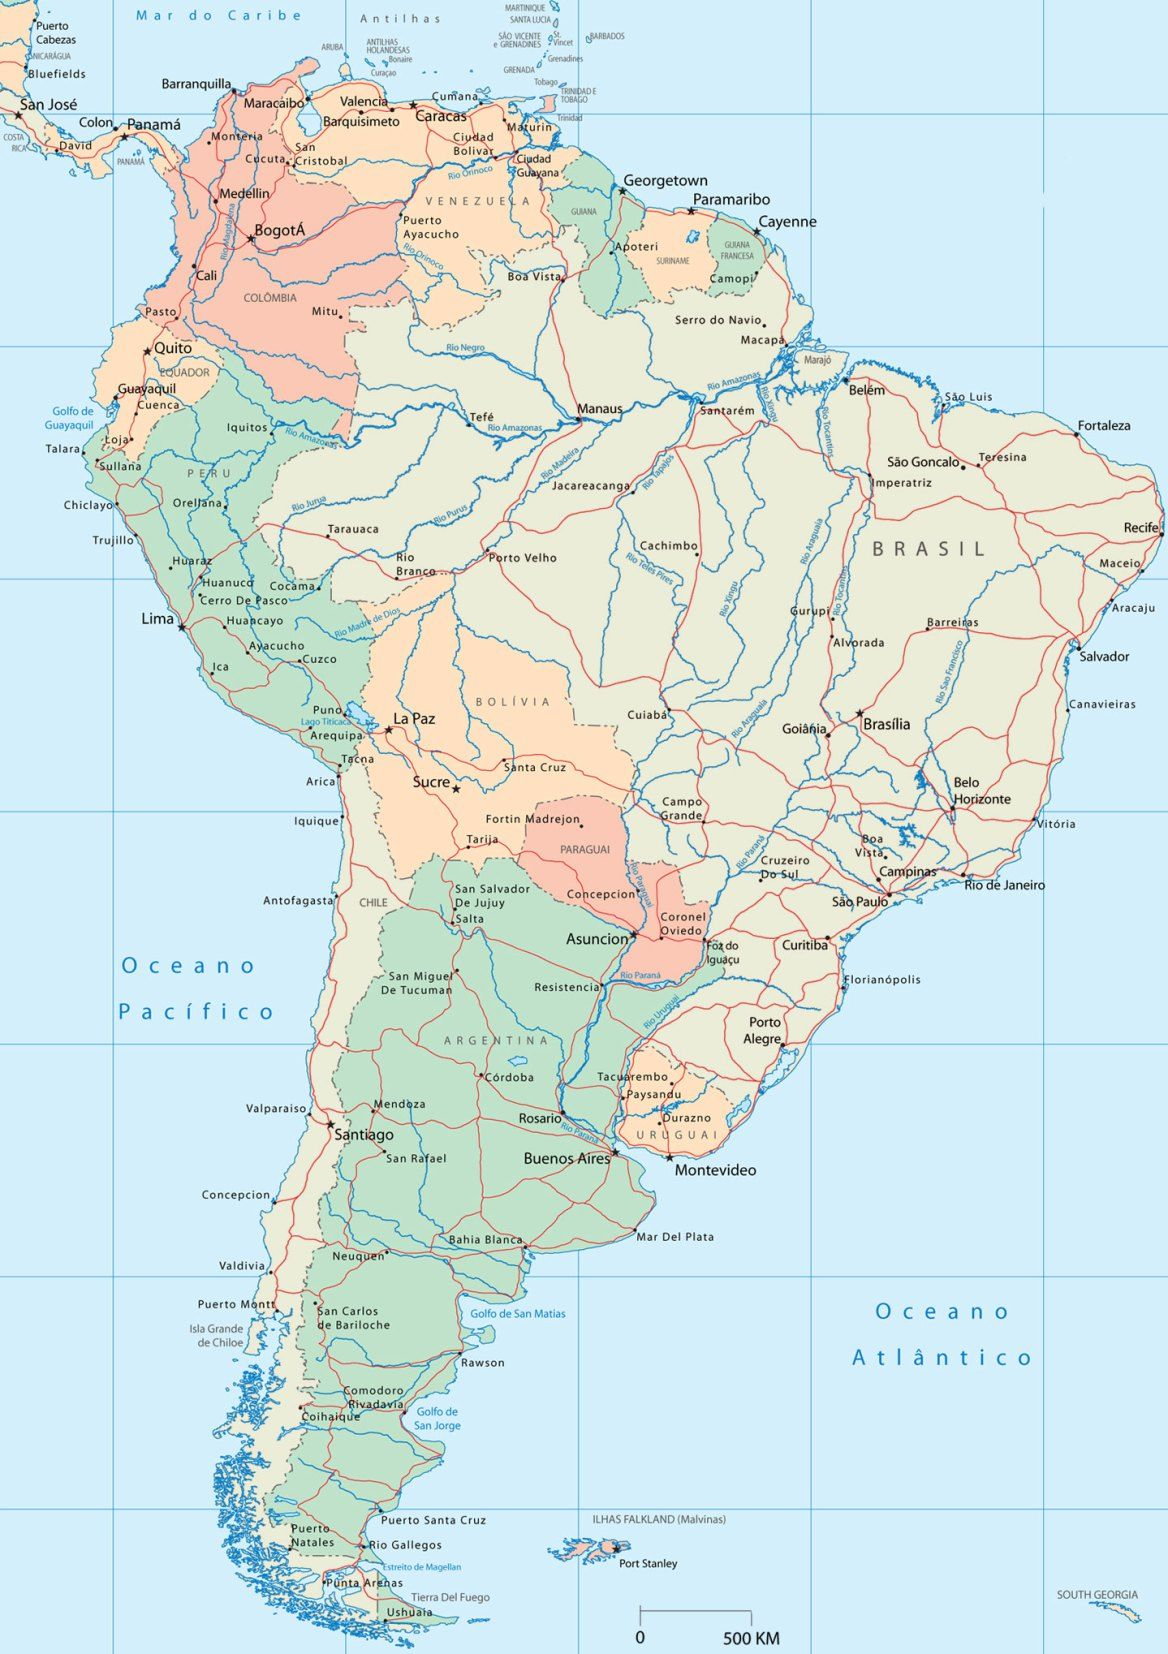 Mapa Políticoterritorial de América del Sur | mc v,m vnh,m x. mjgx m ...